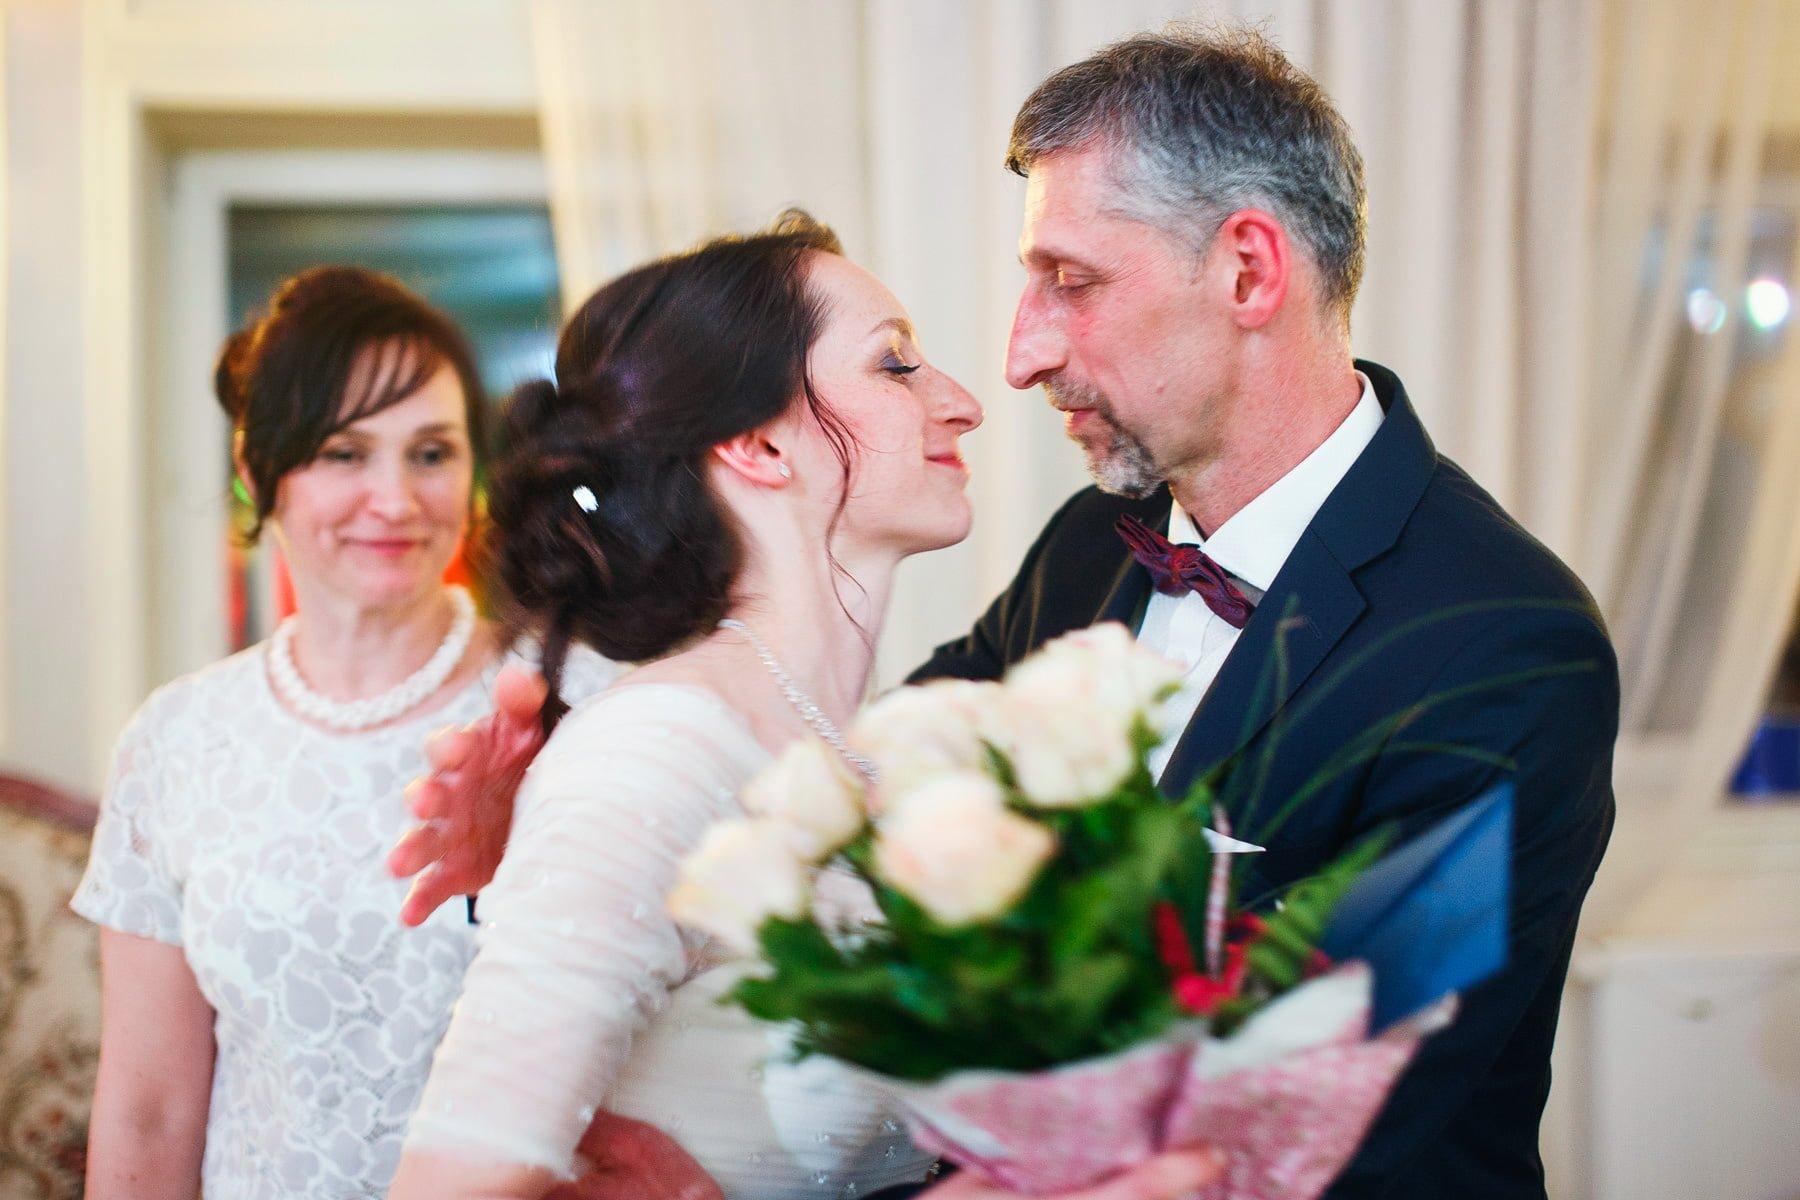 fotograf slub bielsko biala ania maciej 142 - Ślub w Bielsku-Białej - ANIA & MACIEJ